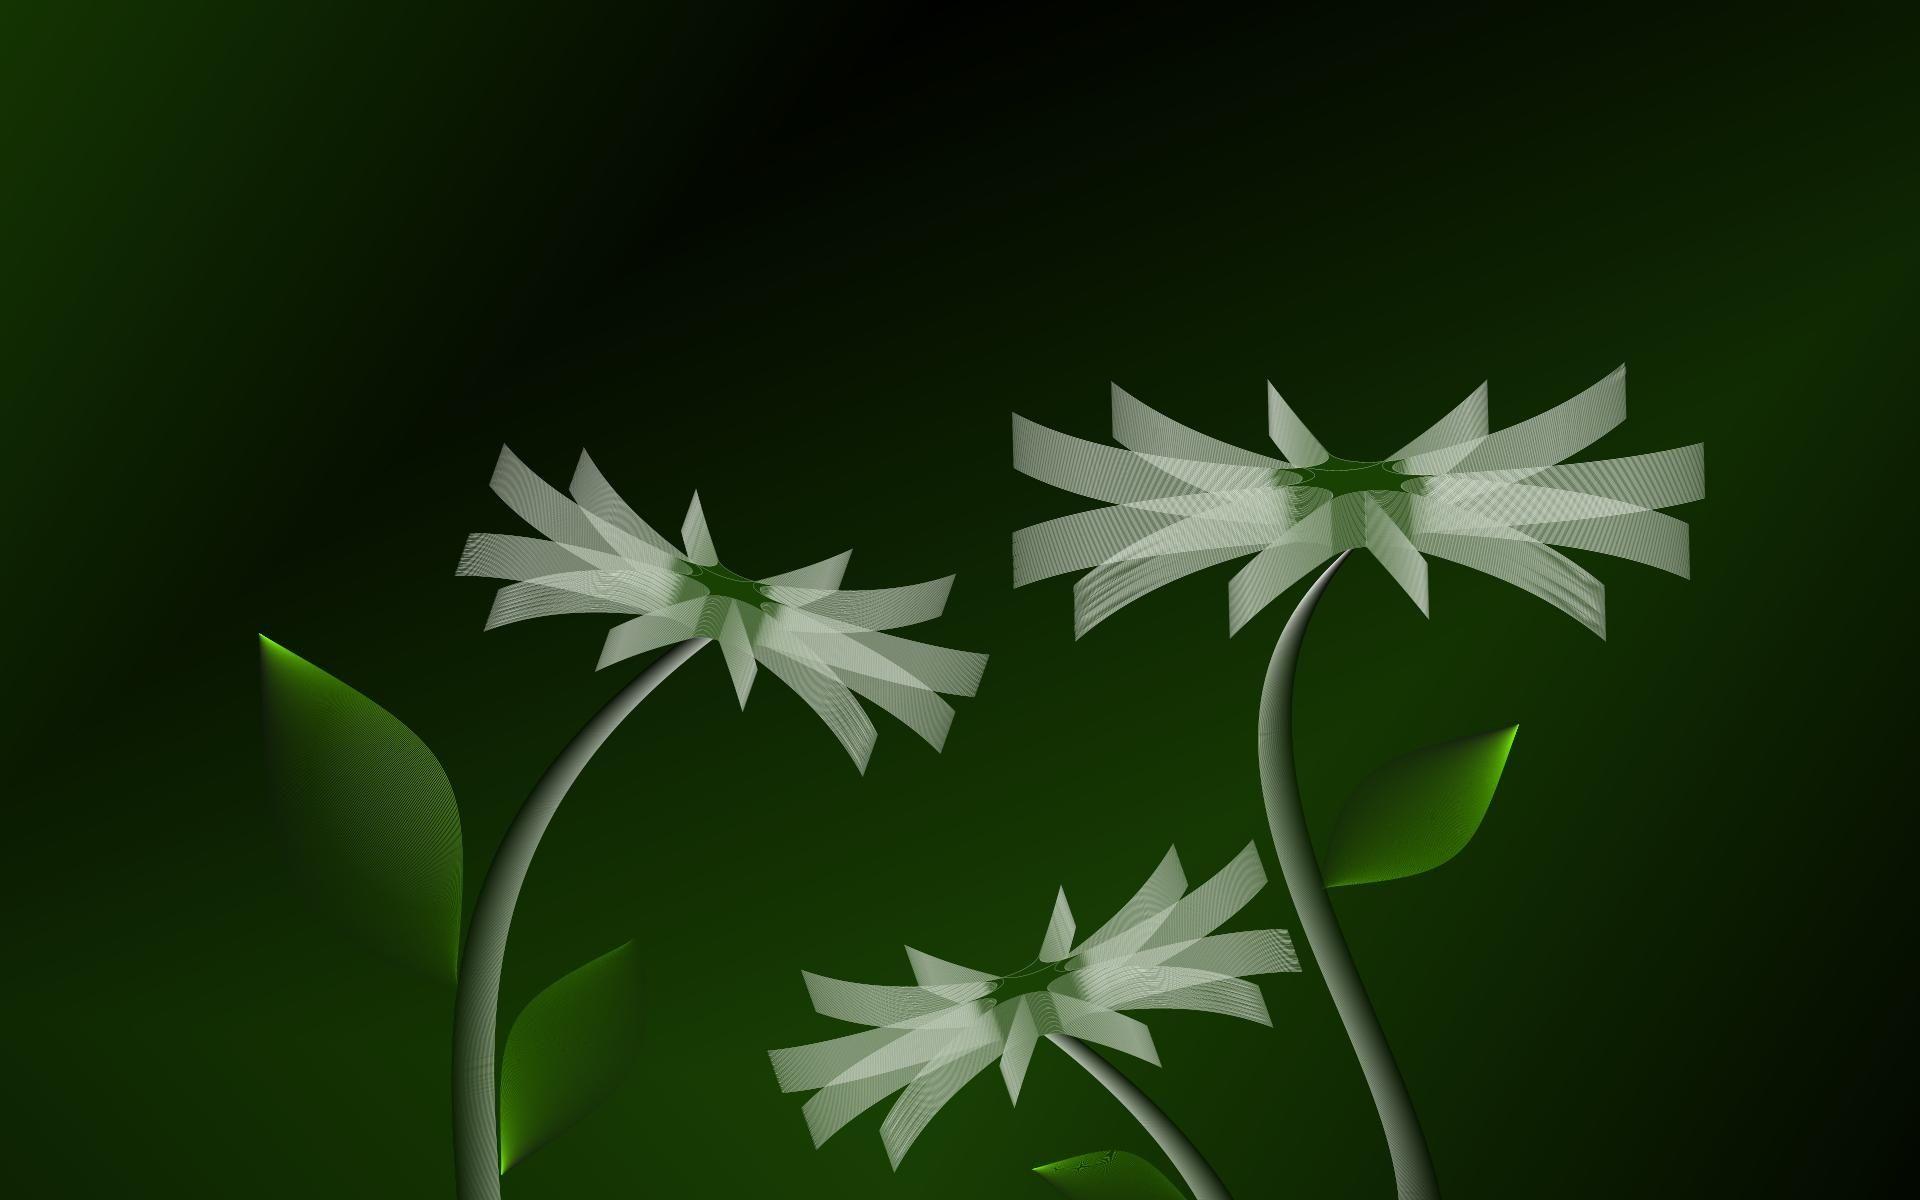 desktop hd flower 3d wallpaper | 3d-hd wallpaper | pinterest